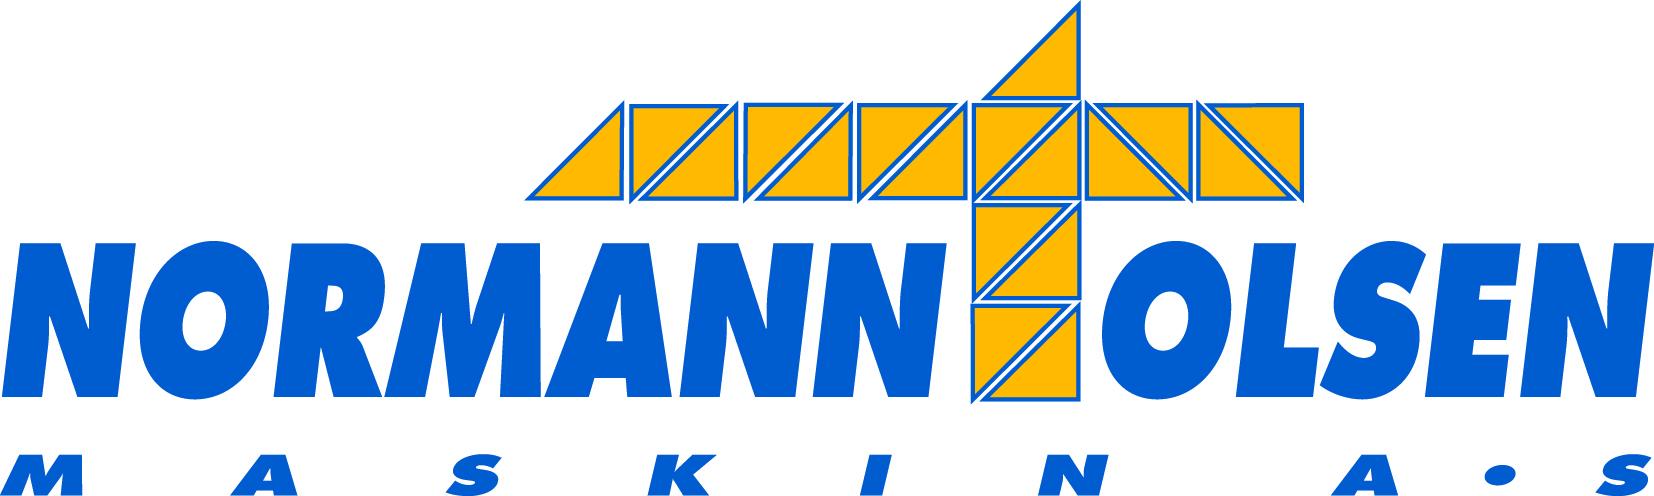 Logo Normann Olsen Maskin AS